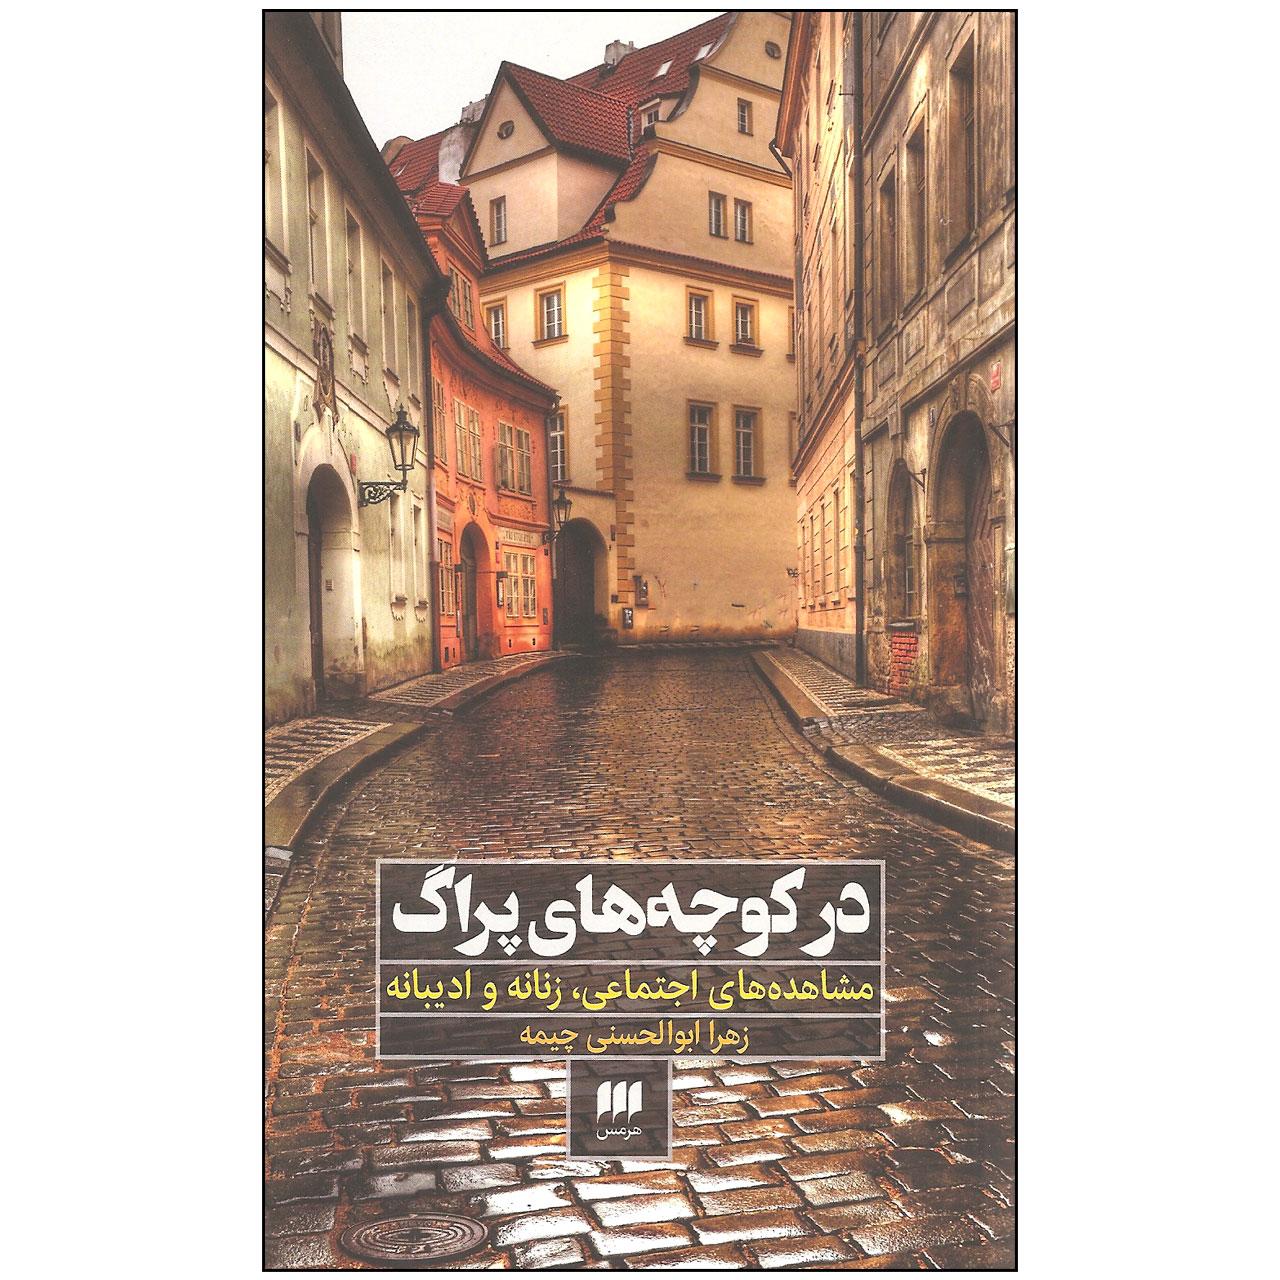 خرید                      کتاب در کوچه های پراگ اثر زهرا ابوالحسنی چیمه انتشارات هرمس